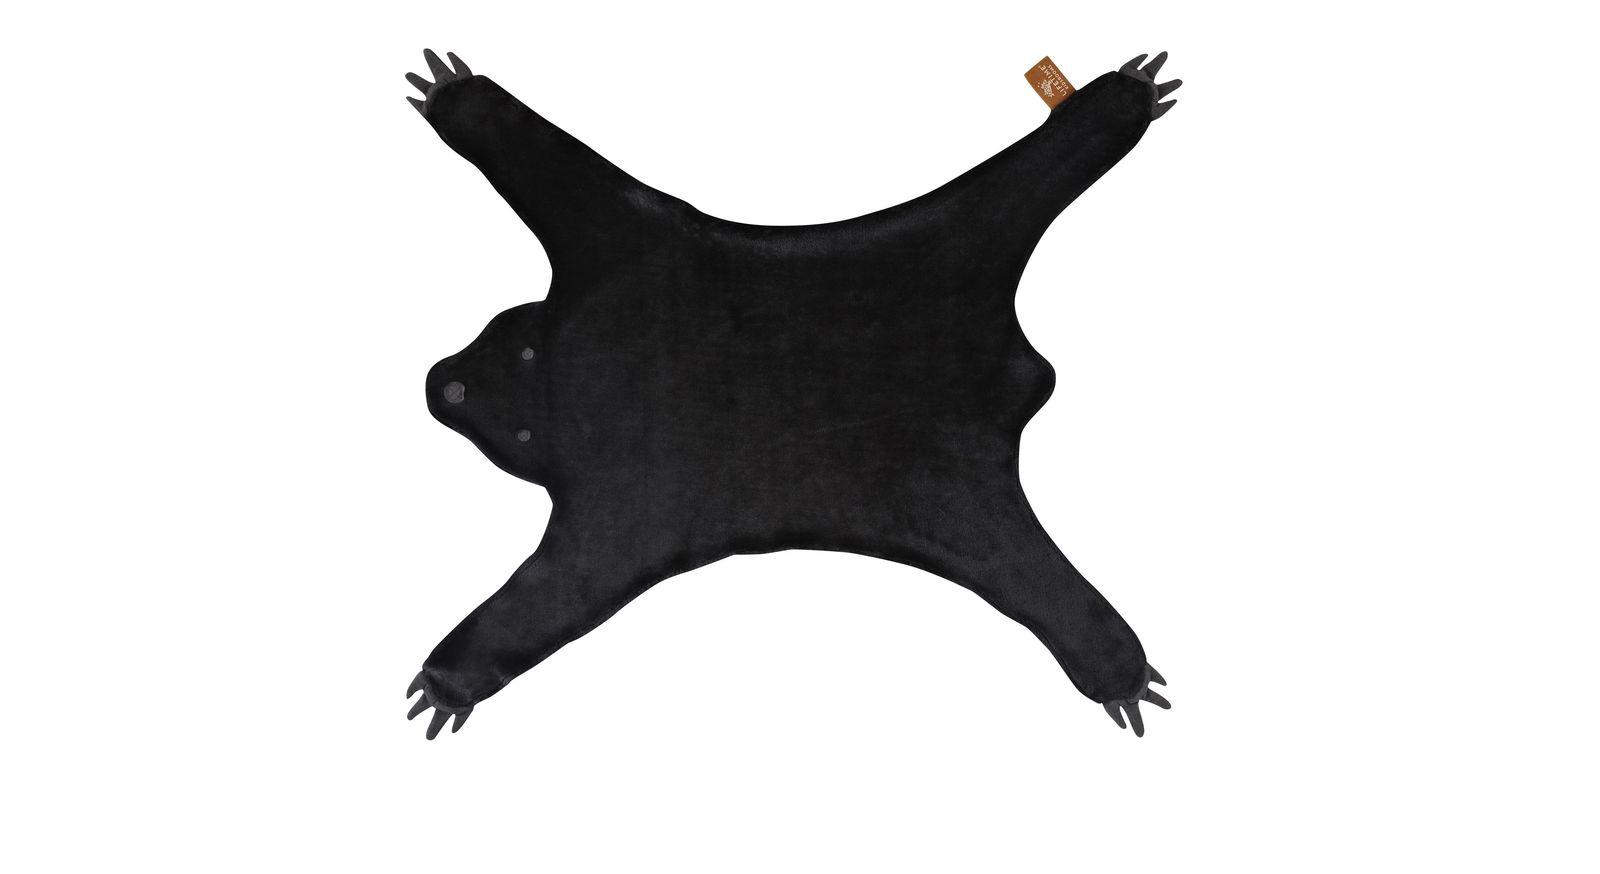 Wandelbarer LIFETIME Teppich & Verkleidung Bär in Schwarz für Kinder